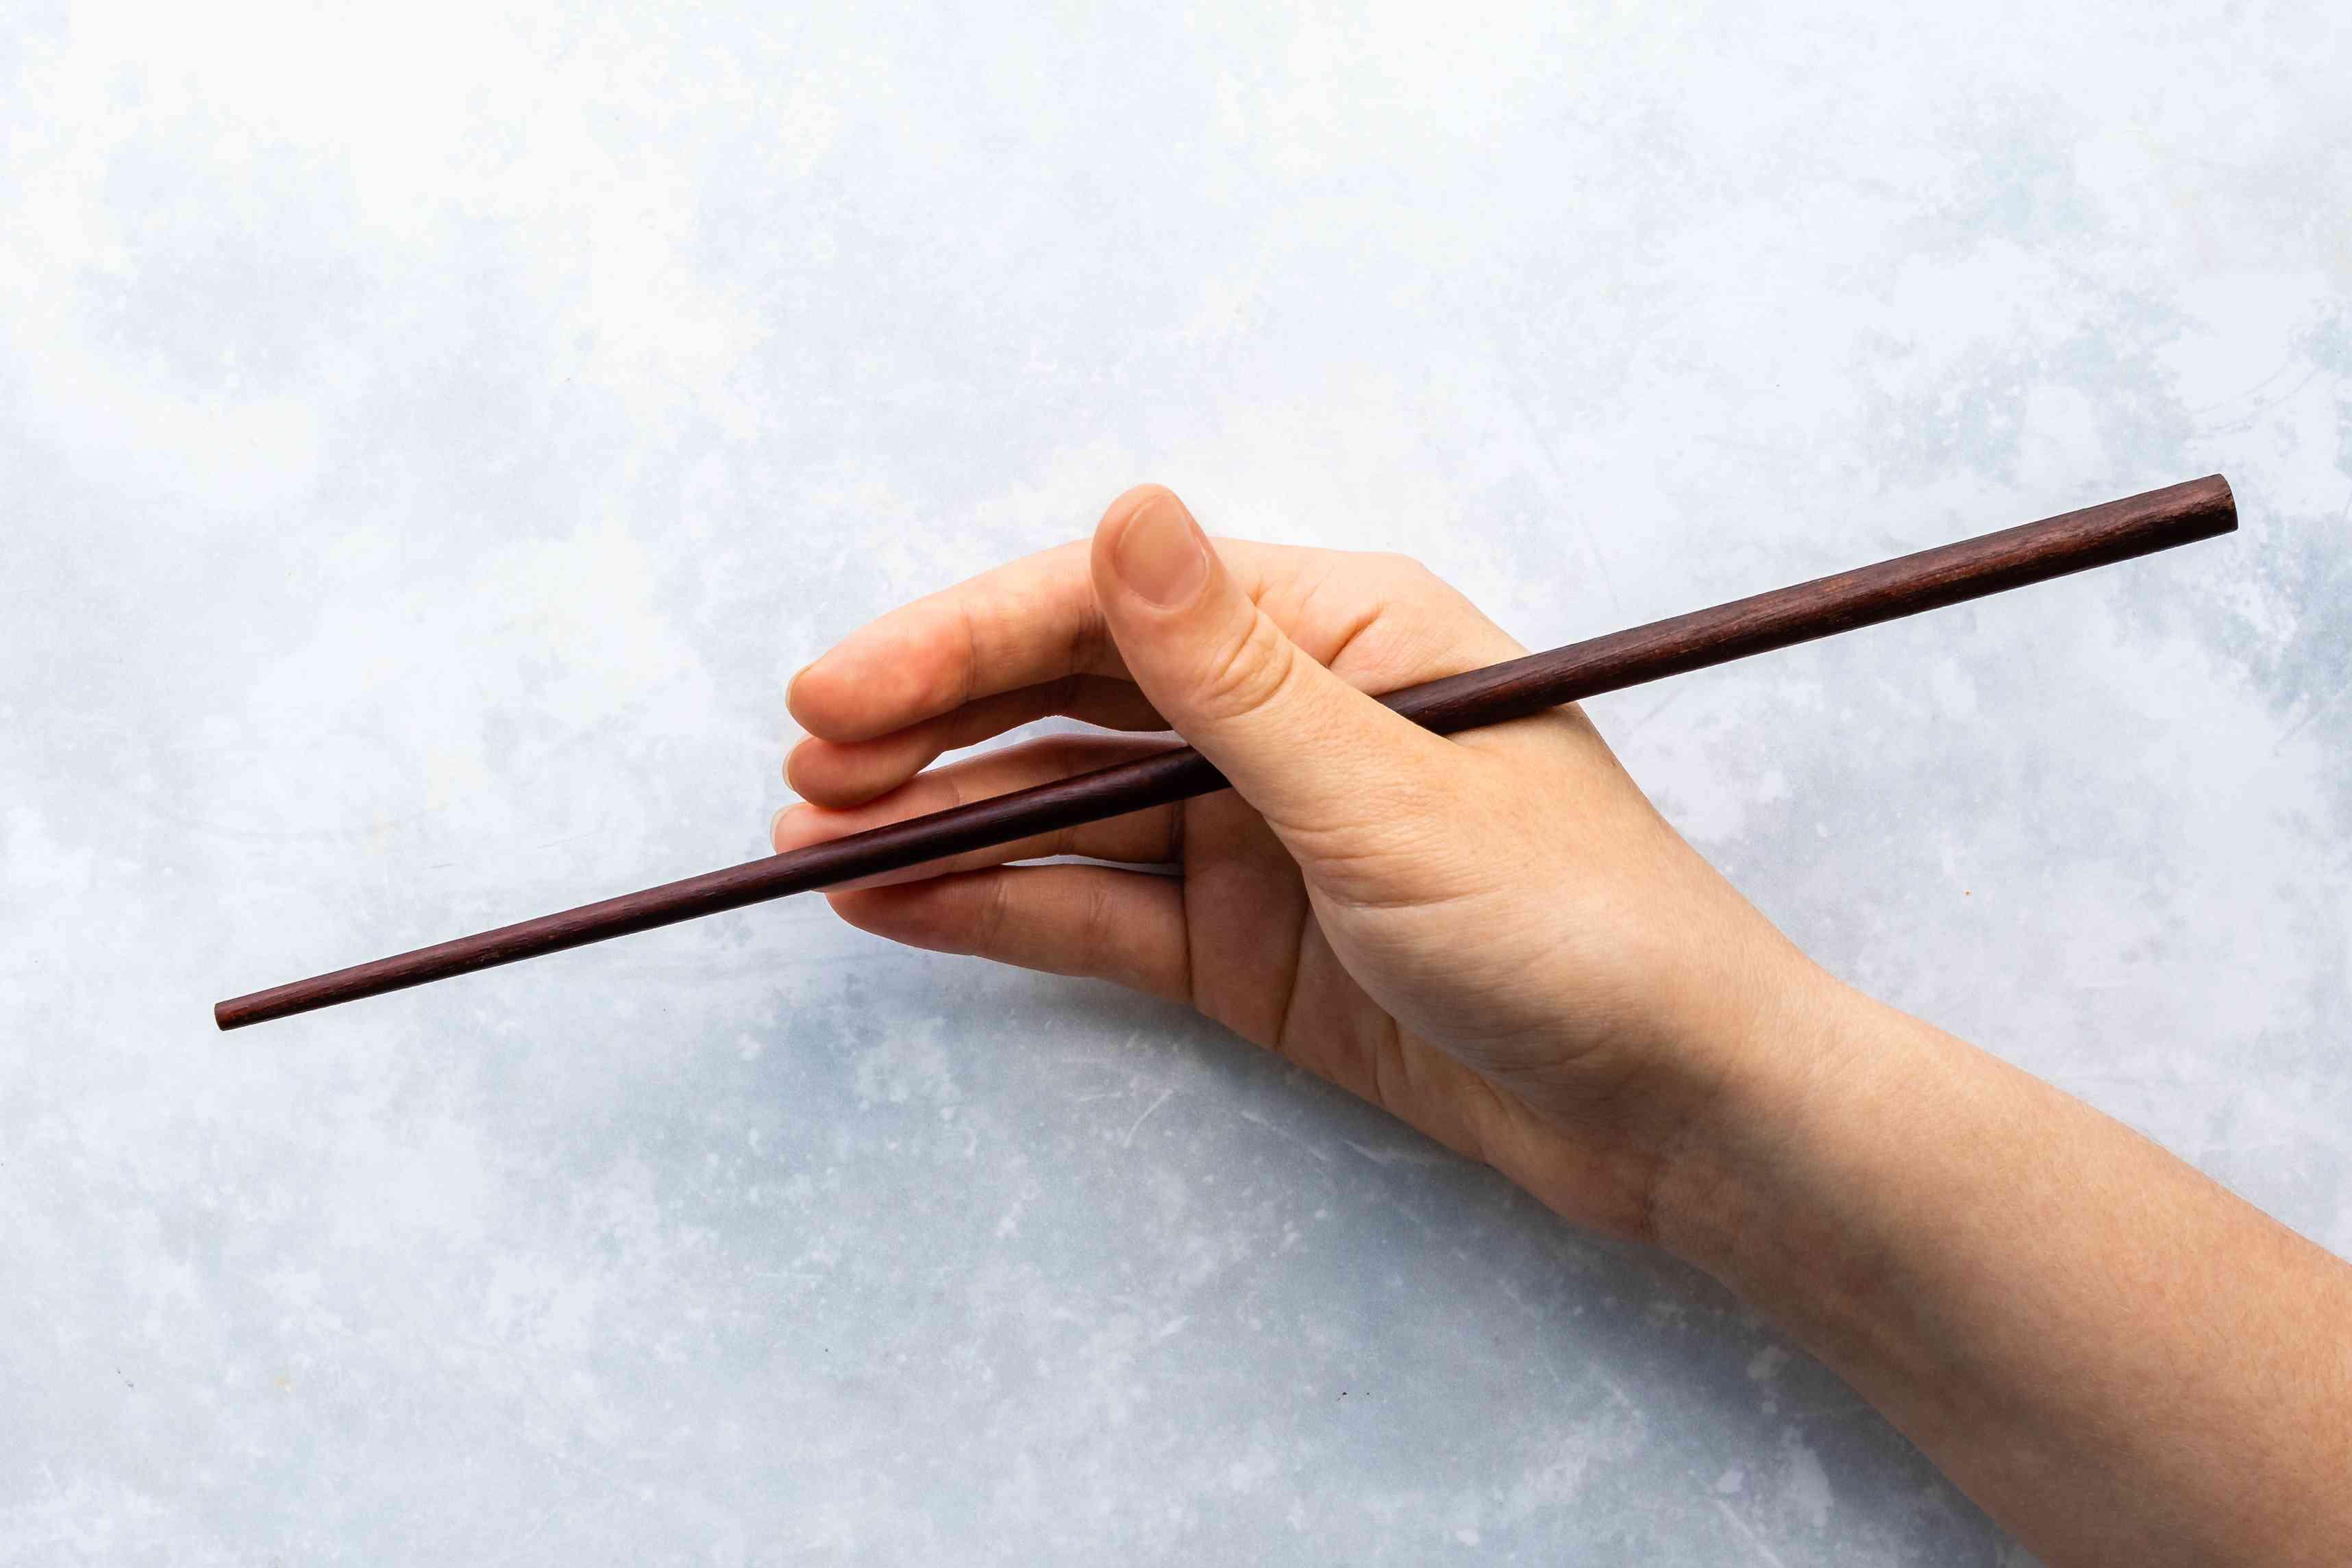 Chopstick in hand